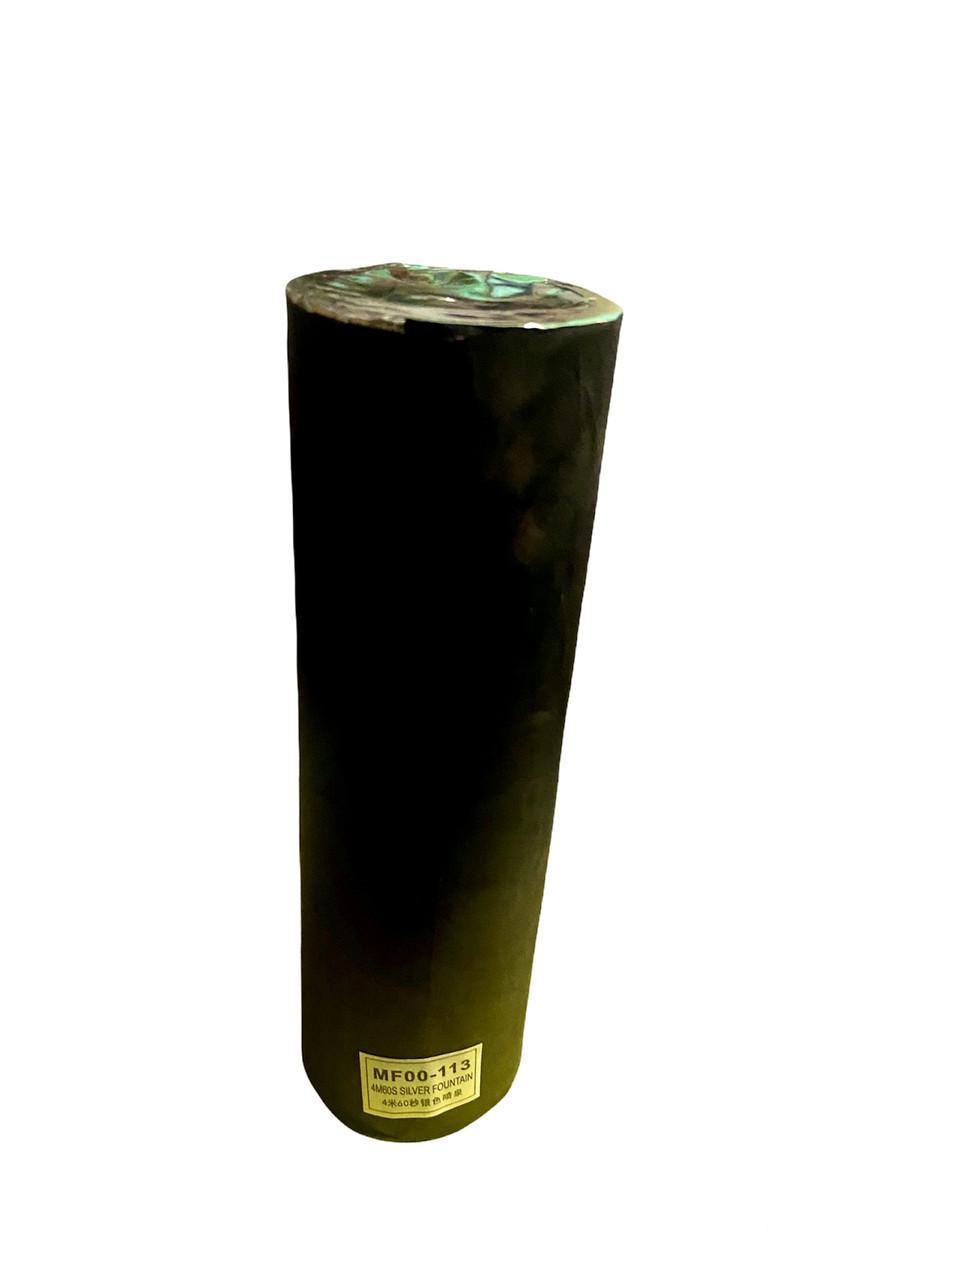 Холодный фонтан сценический MF00-113 Maxsem, 4м 60 сек